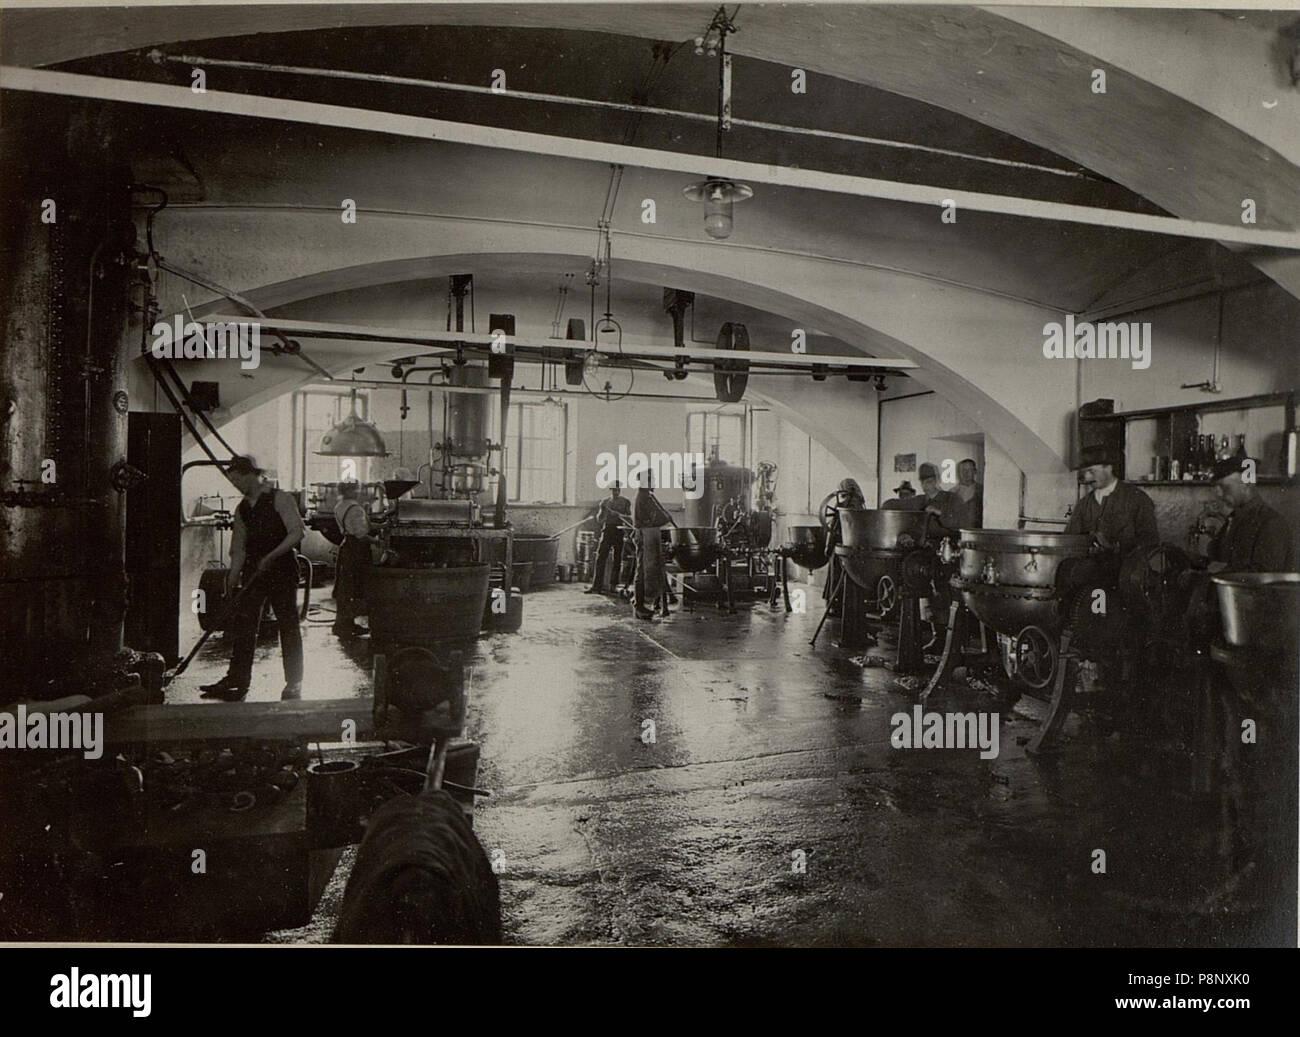 .   354 K.u.k. Etappen Verpflegsmagazine in Villach. Fruchtkonservenfabrik. Arbeitsraum.Aufgenommen am 20.VII.1916. (BildID 15477597) Stock Photo